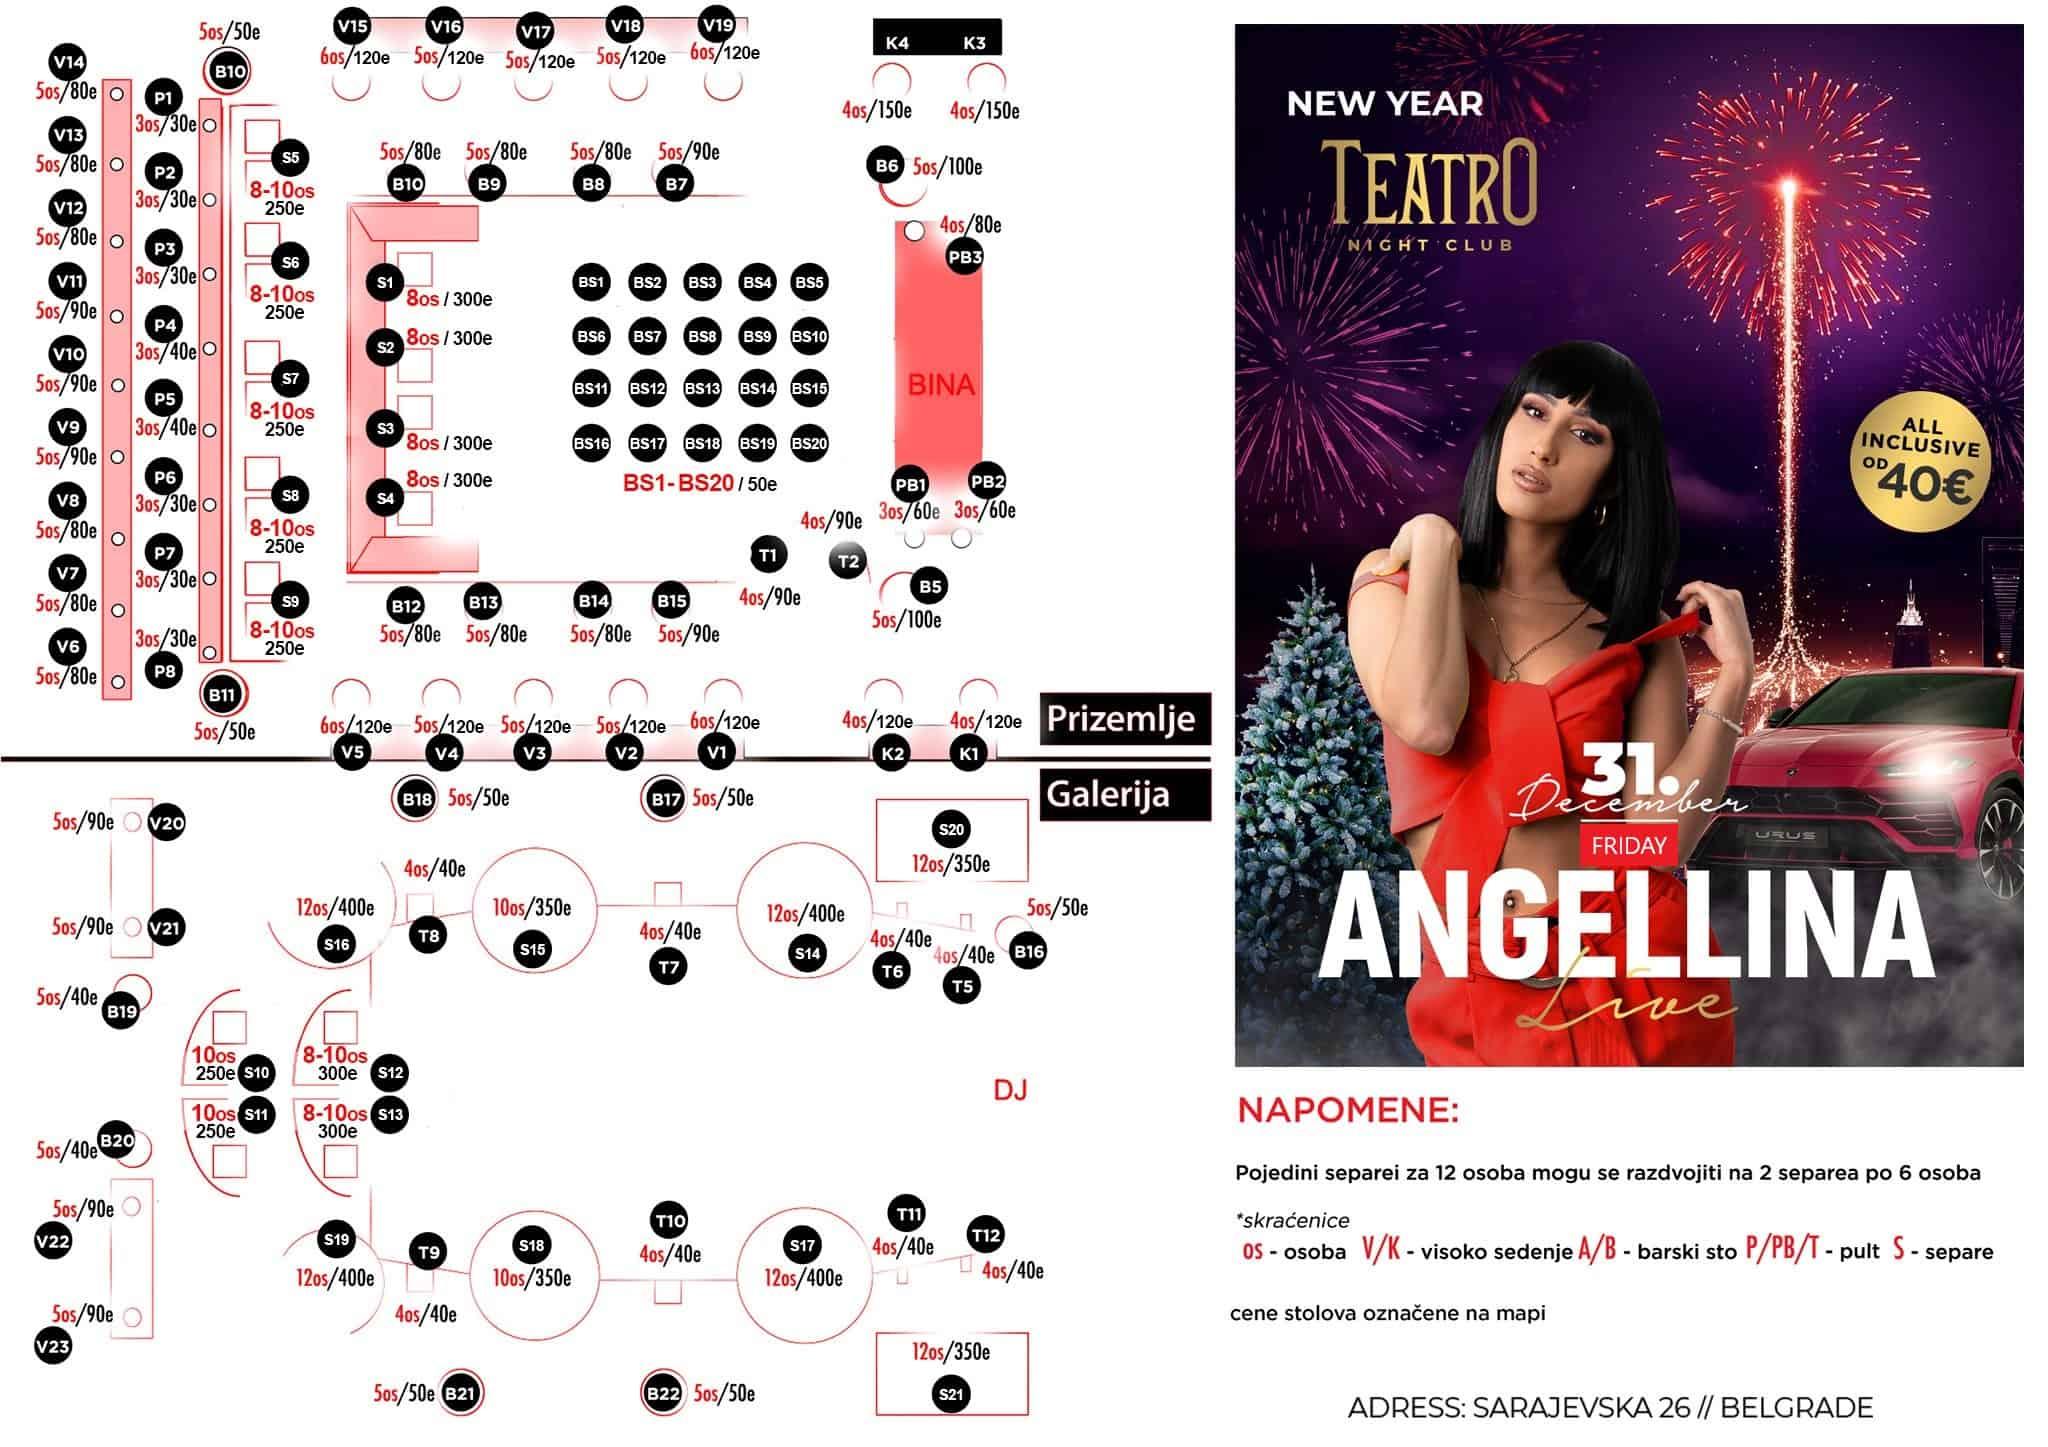 Klub Teatro mapa sa rasporedom stolova za doček Nove godine 2022 Beograd